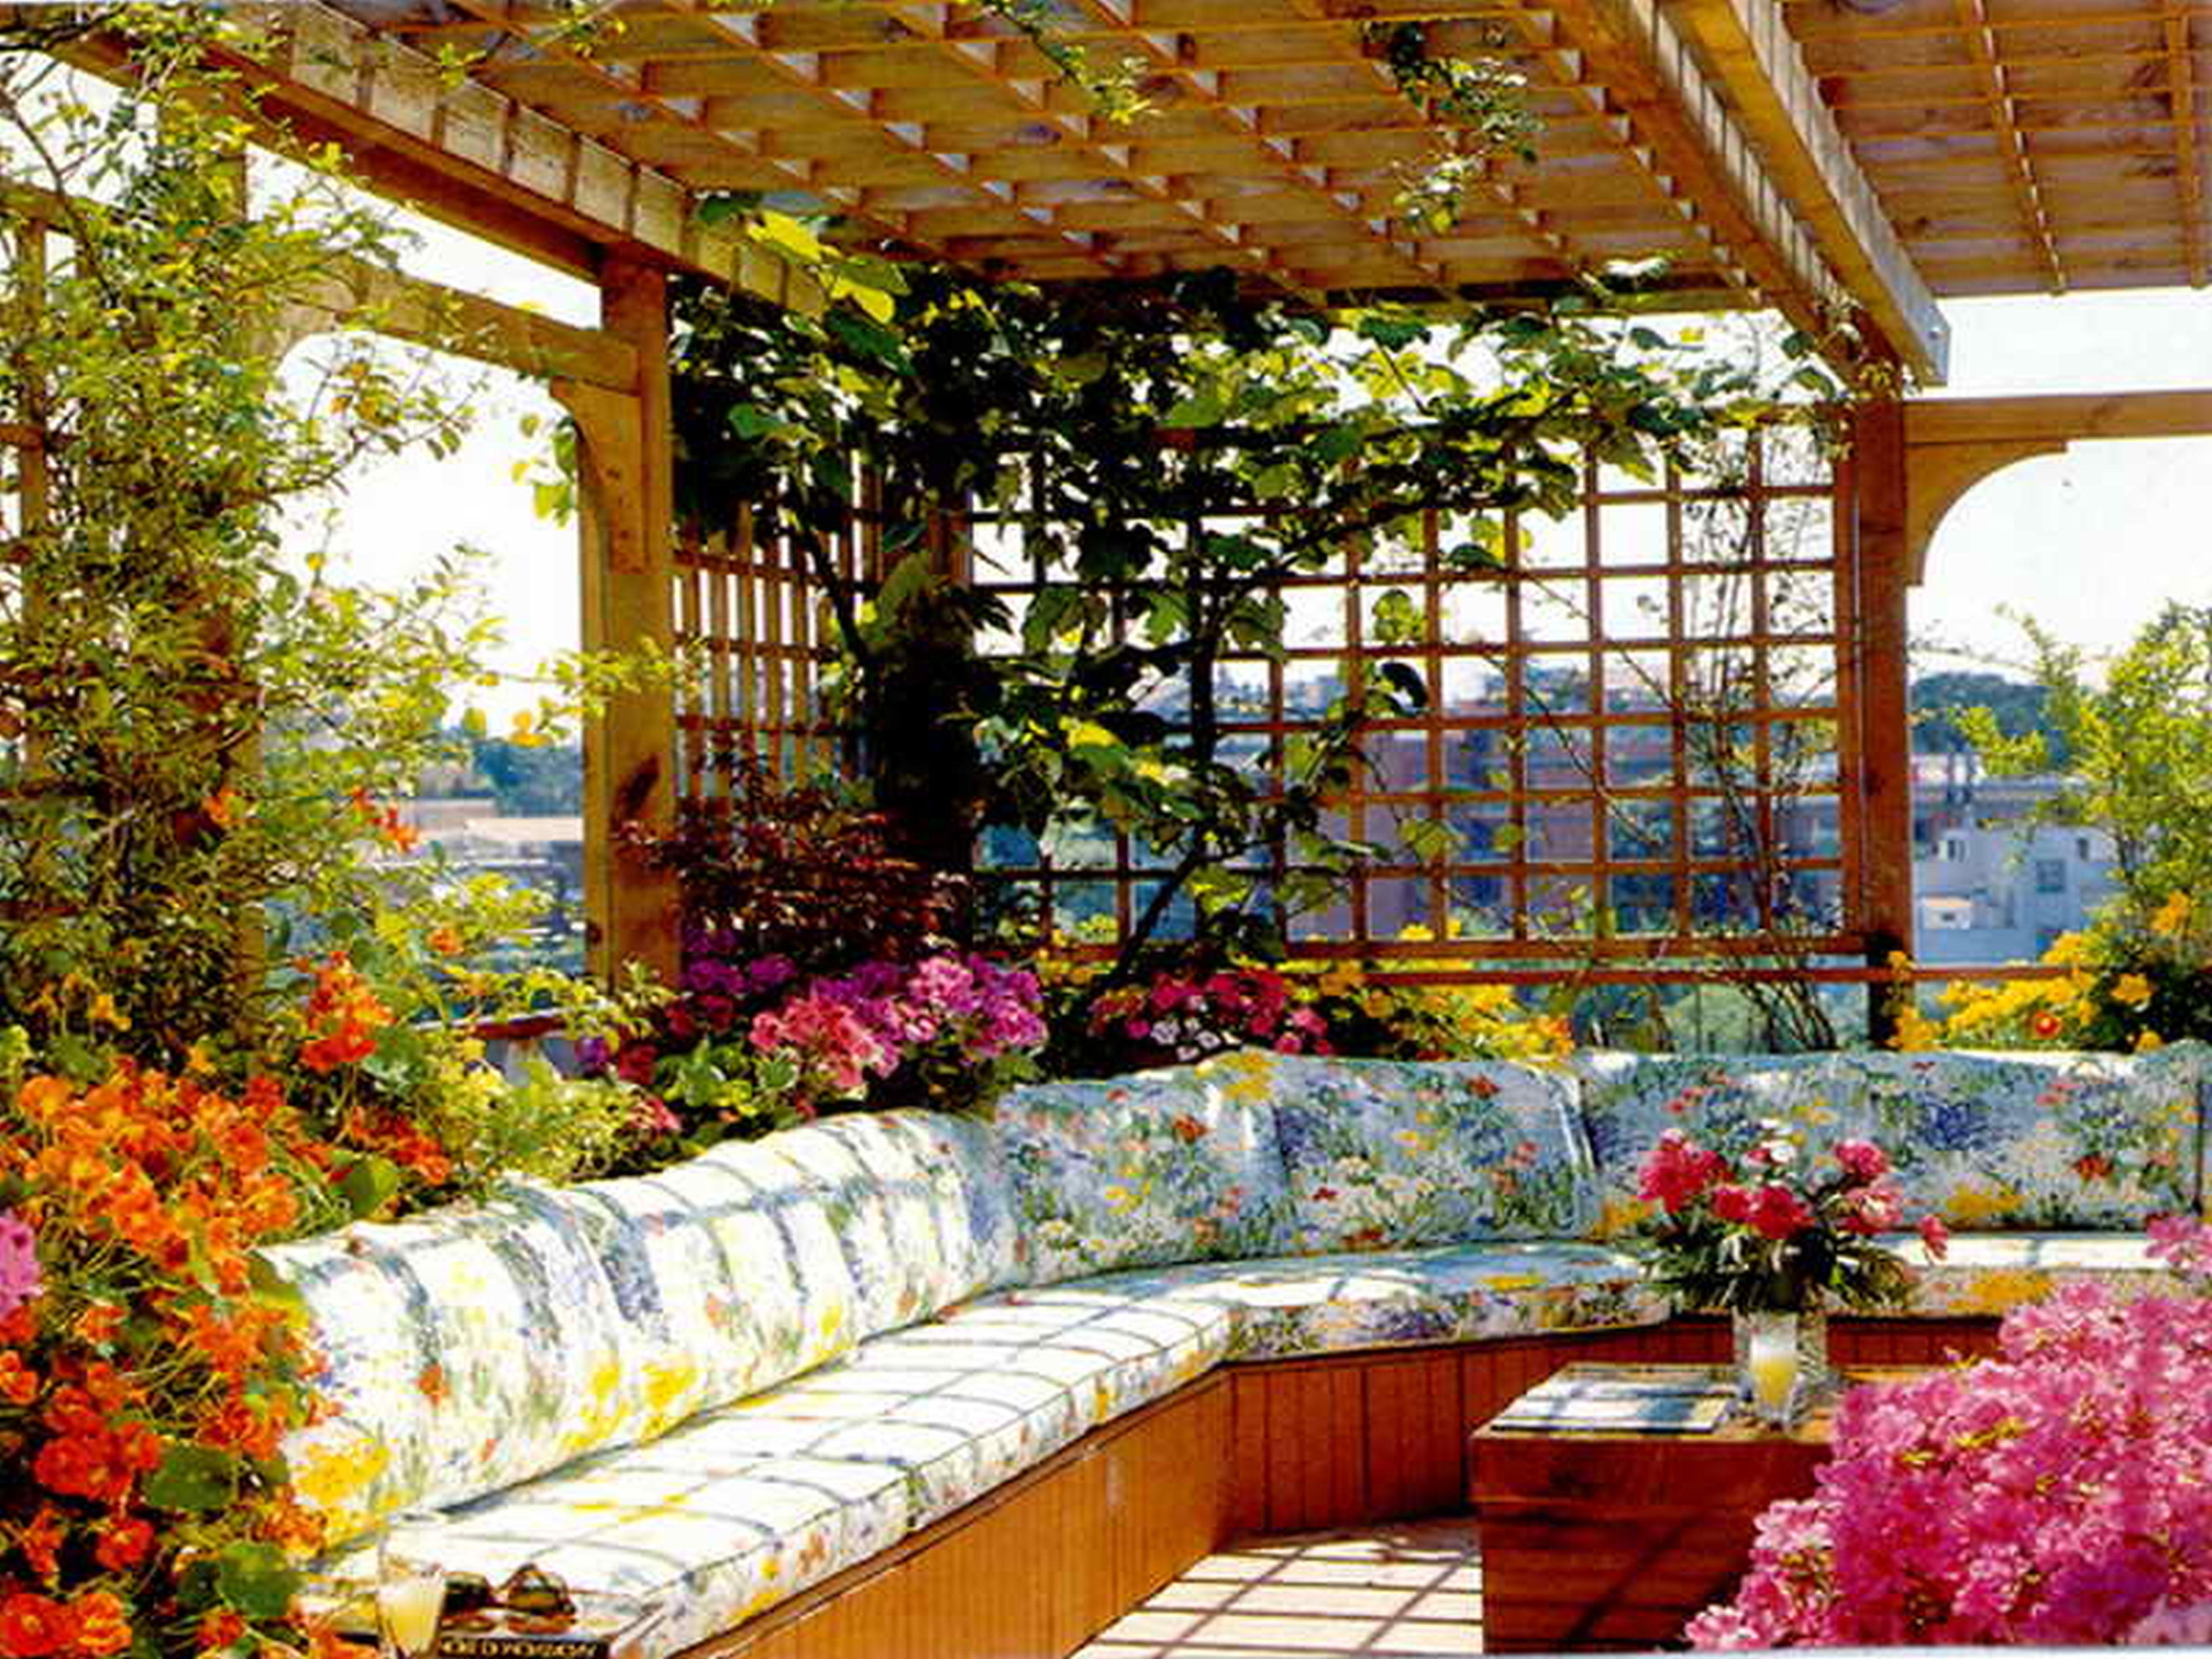 Best Rustic Rooftop Garden Furniture Ideas (Image 8 of 8)